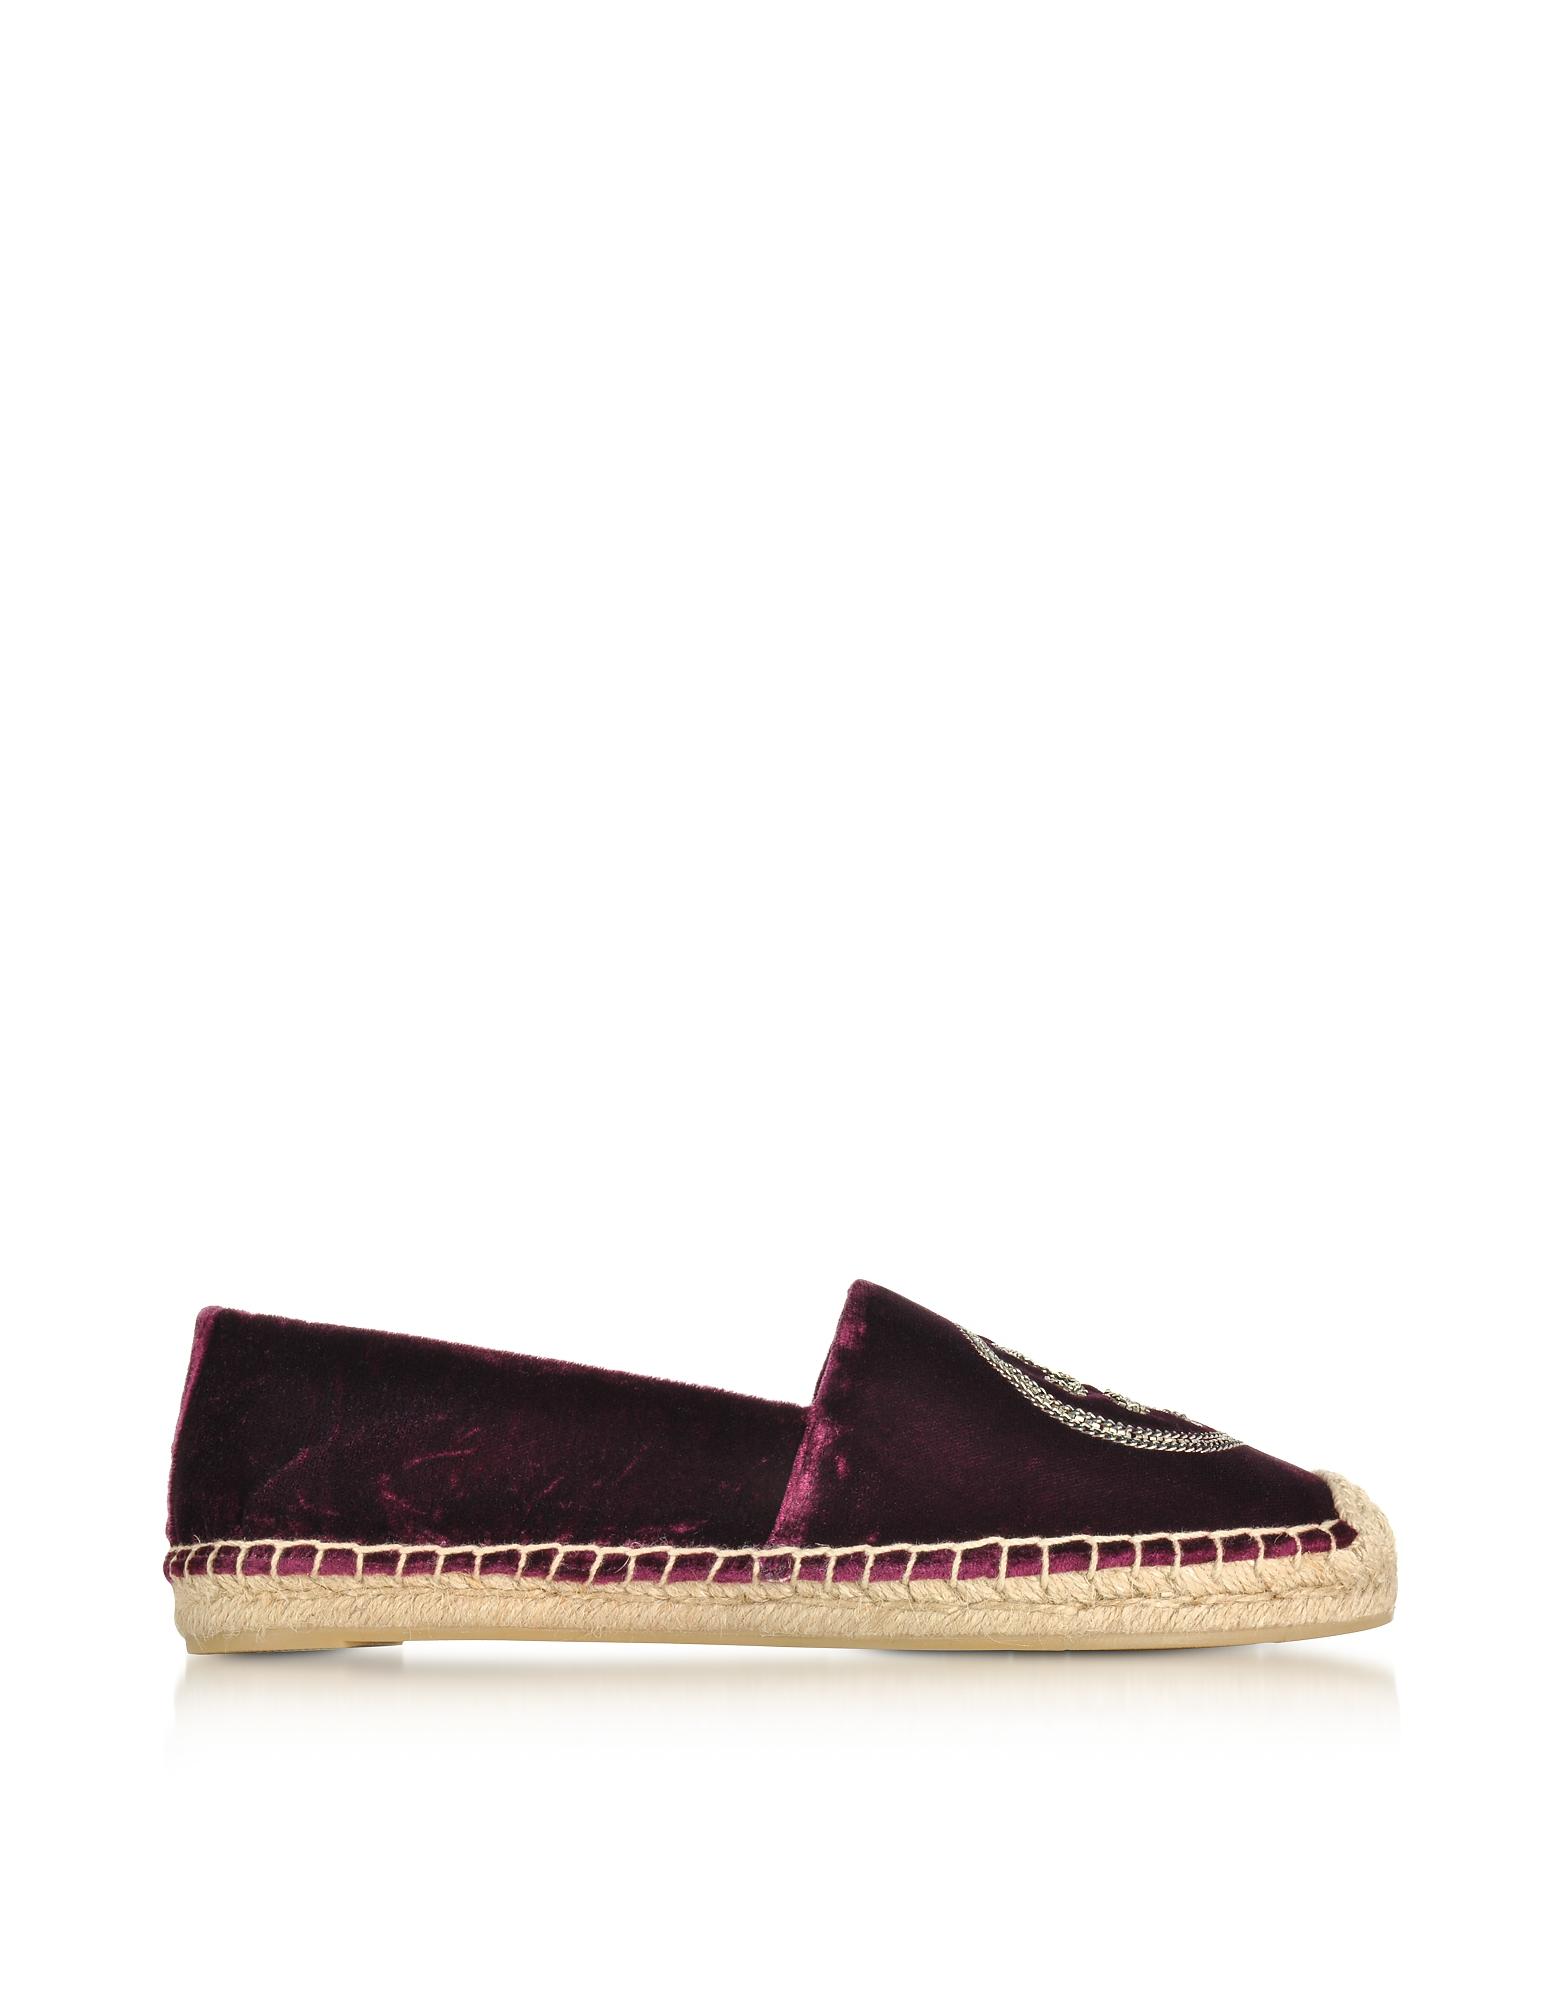 Tory Burch Shoes, Bordeaux Velvet Chain Espadrille